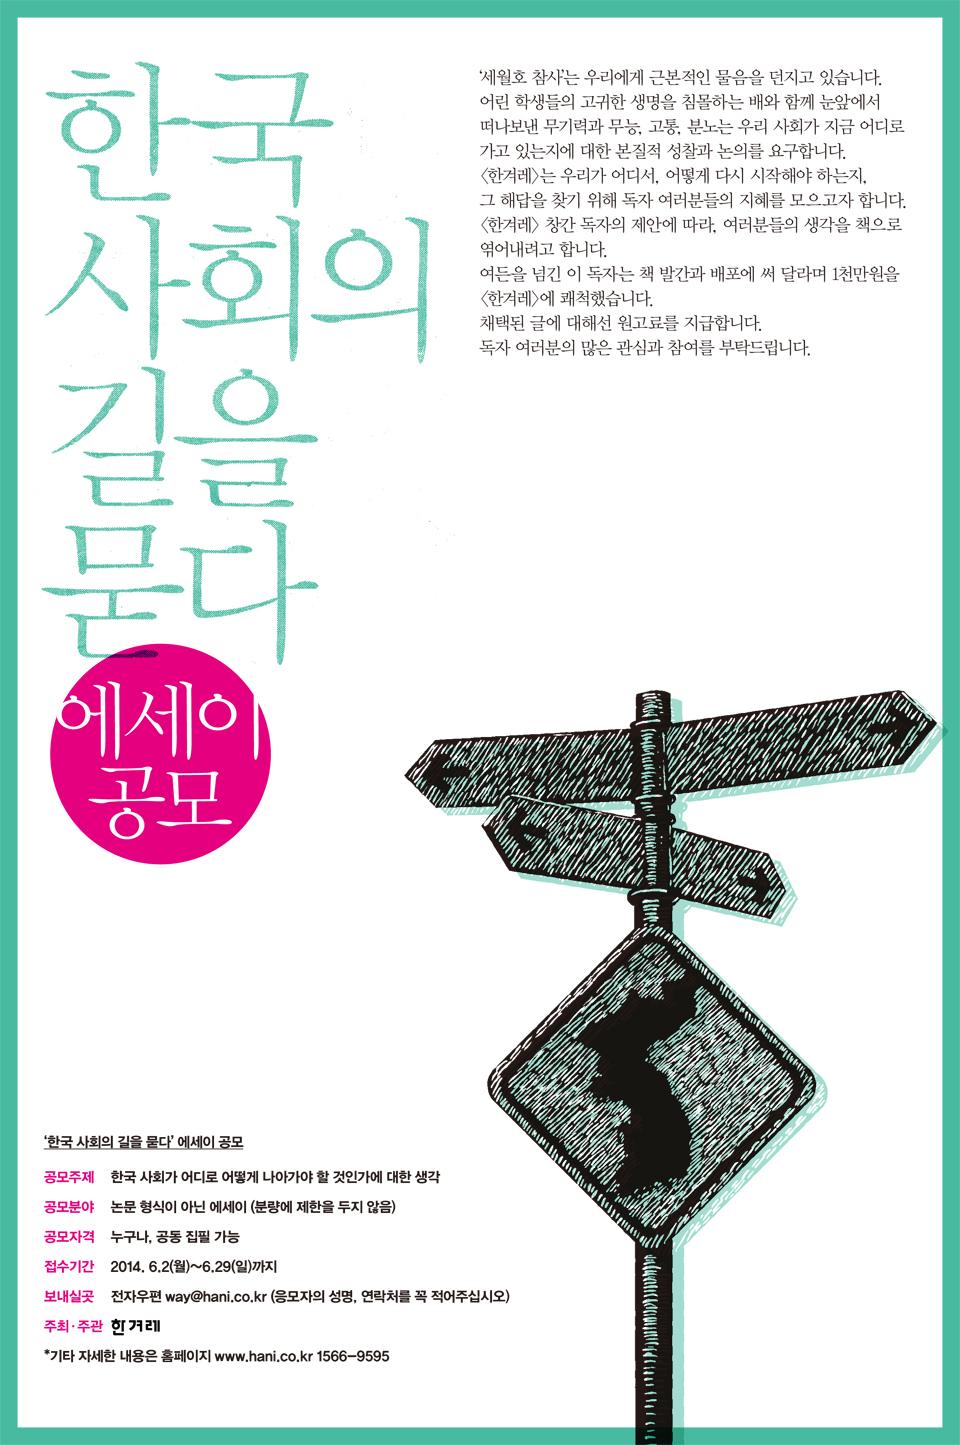 '한국 사회의 길을 묻다'에세이 공모